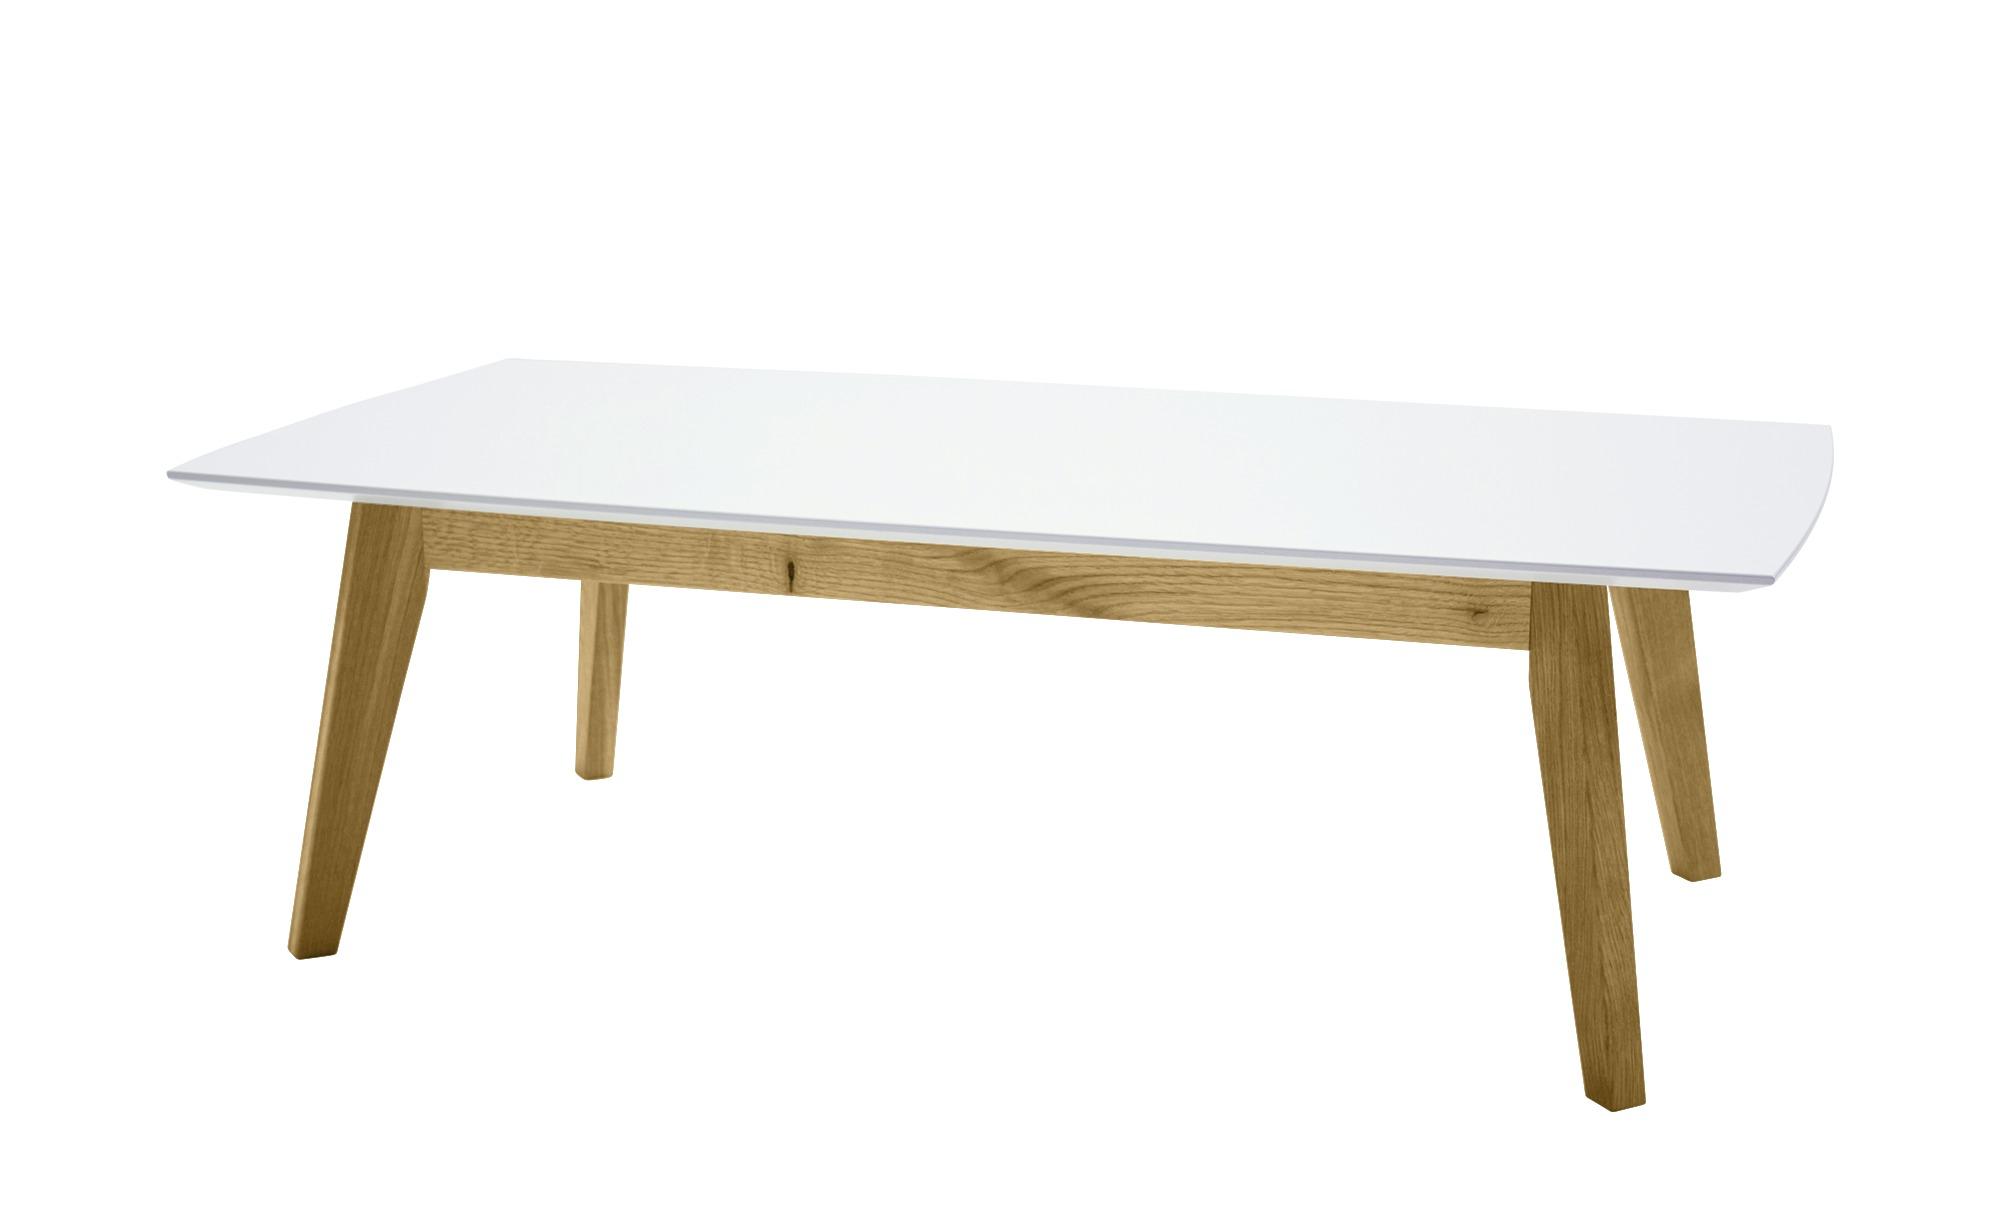 Couchtisch   Jesper ¦ mehrfarbig ¦ Maße (cm): B: 60 H: 38 Tische > Couchtische > Couchtische rechteckig - Höffner